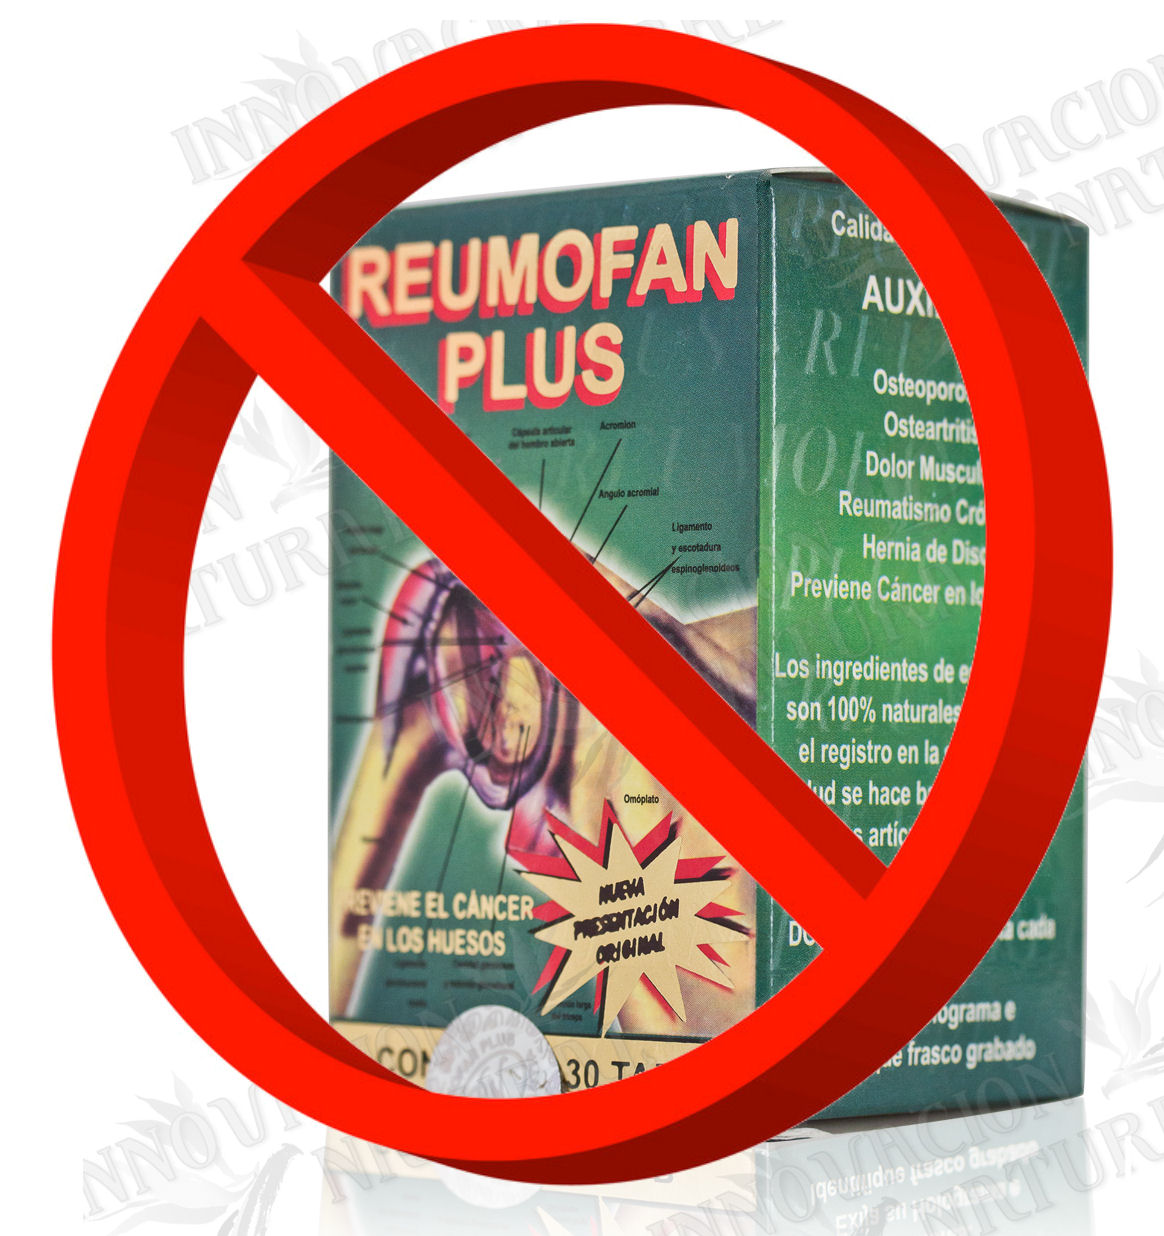 No Al Reumofan